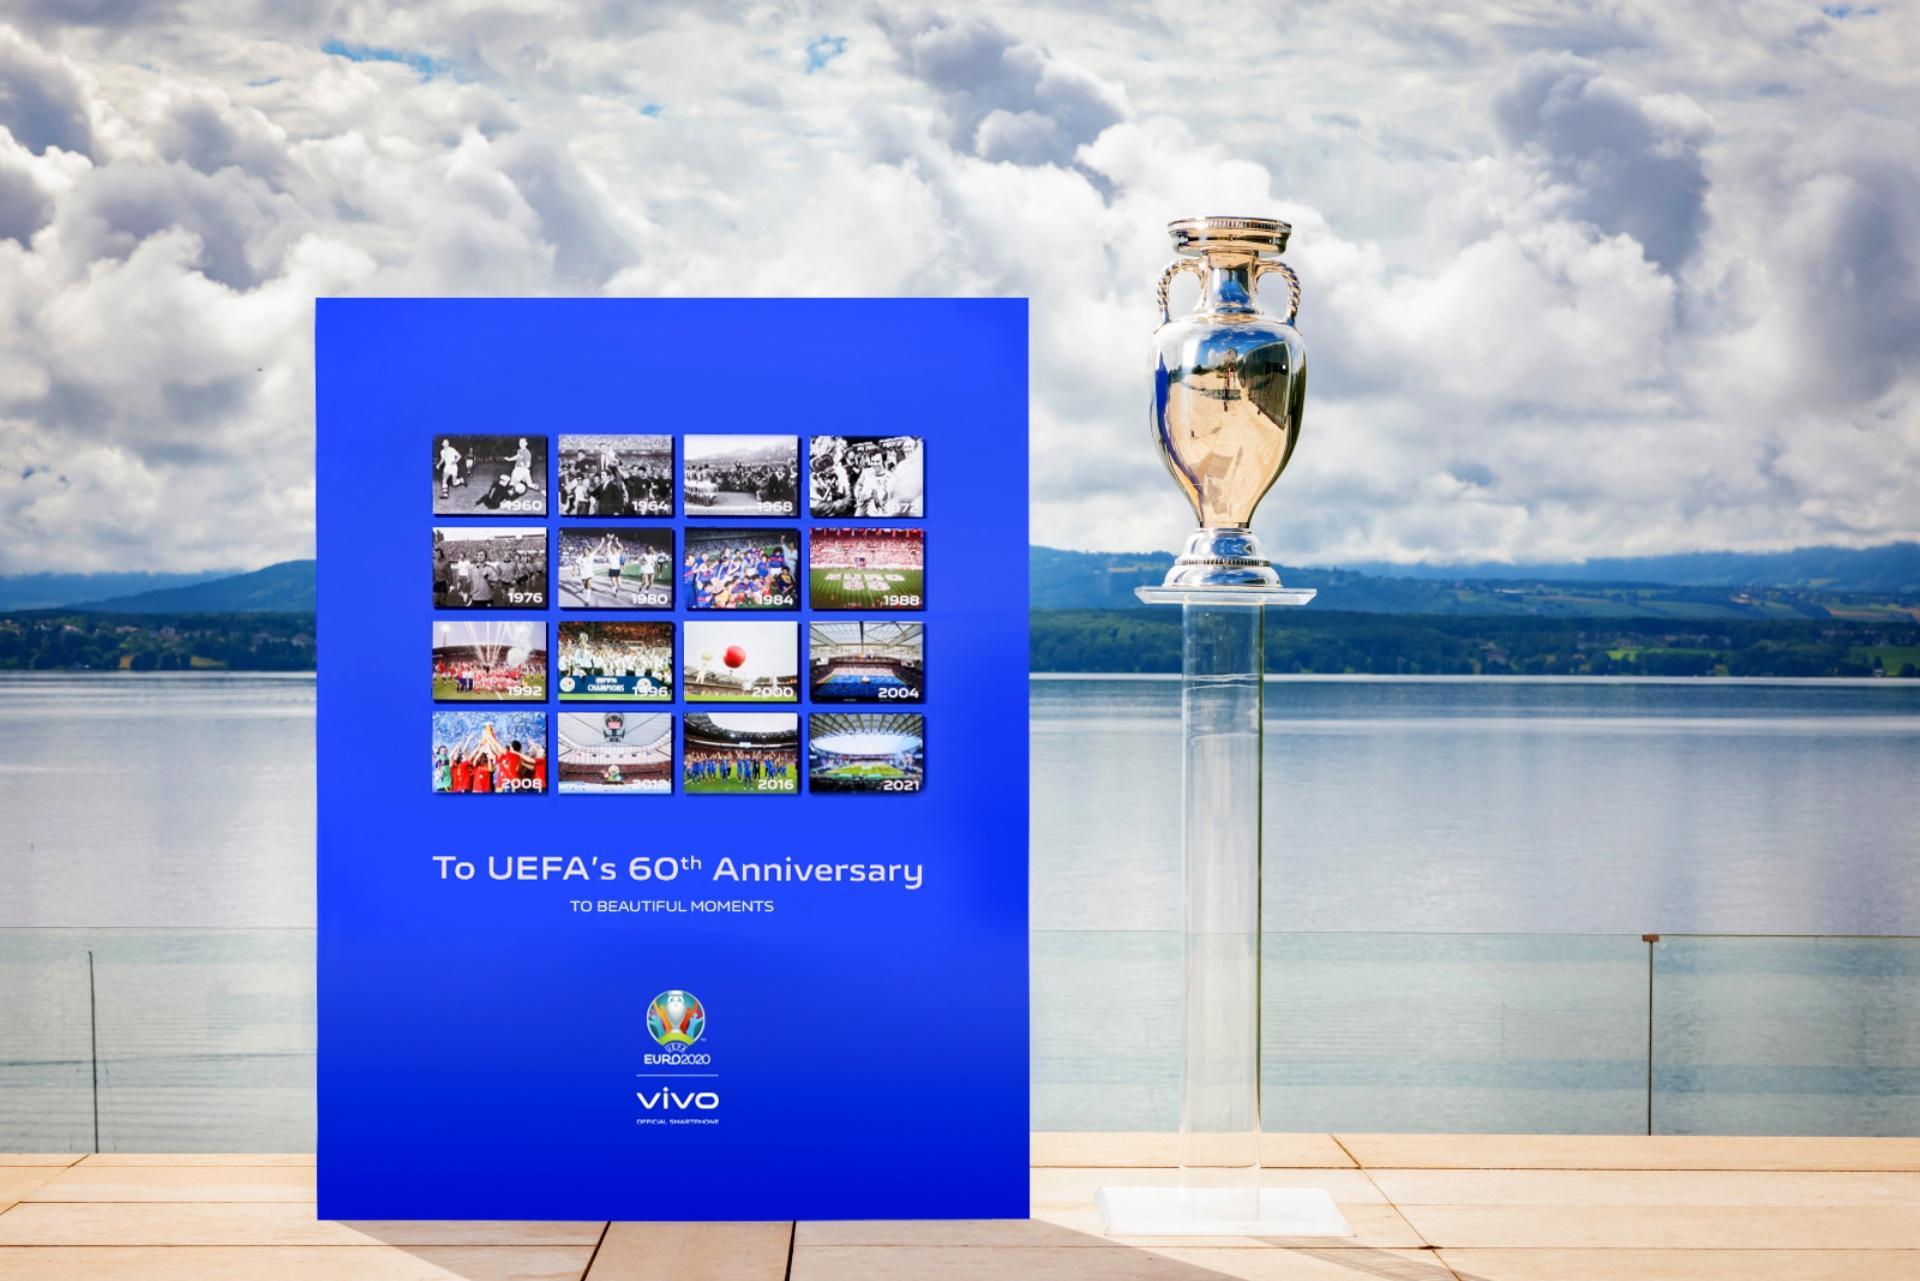 Thương hiệu vivo đồng hành tại Lễ Bế mạc UEFA EURO 2020